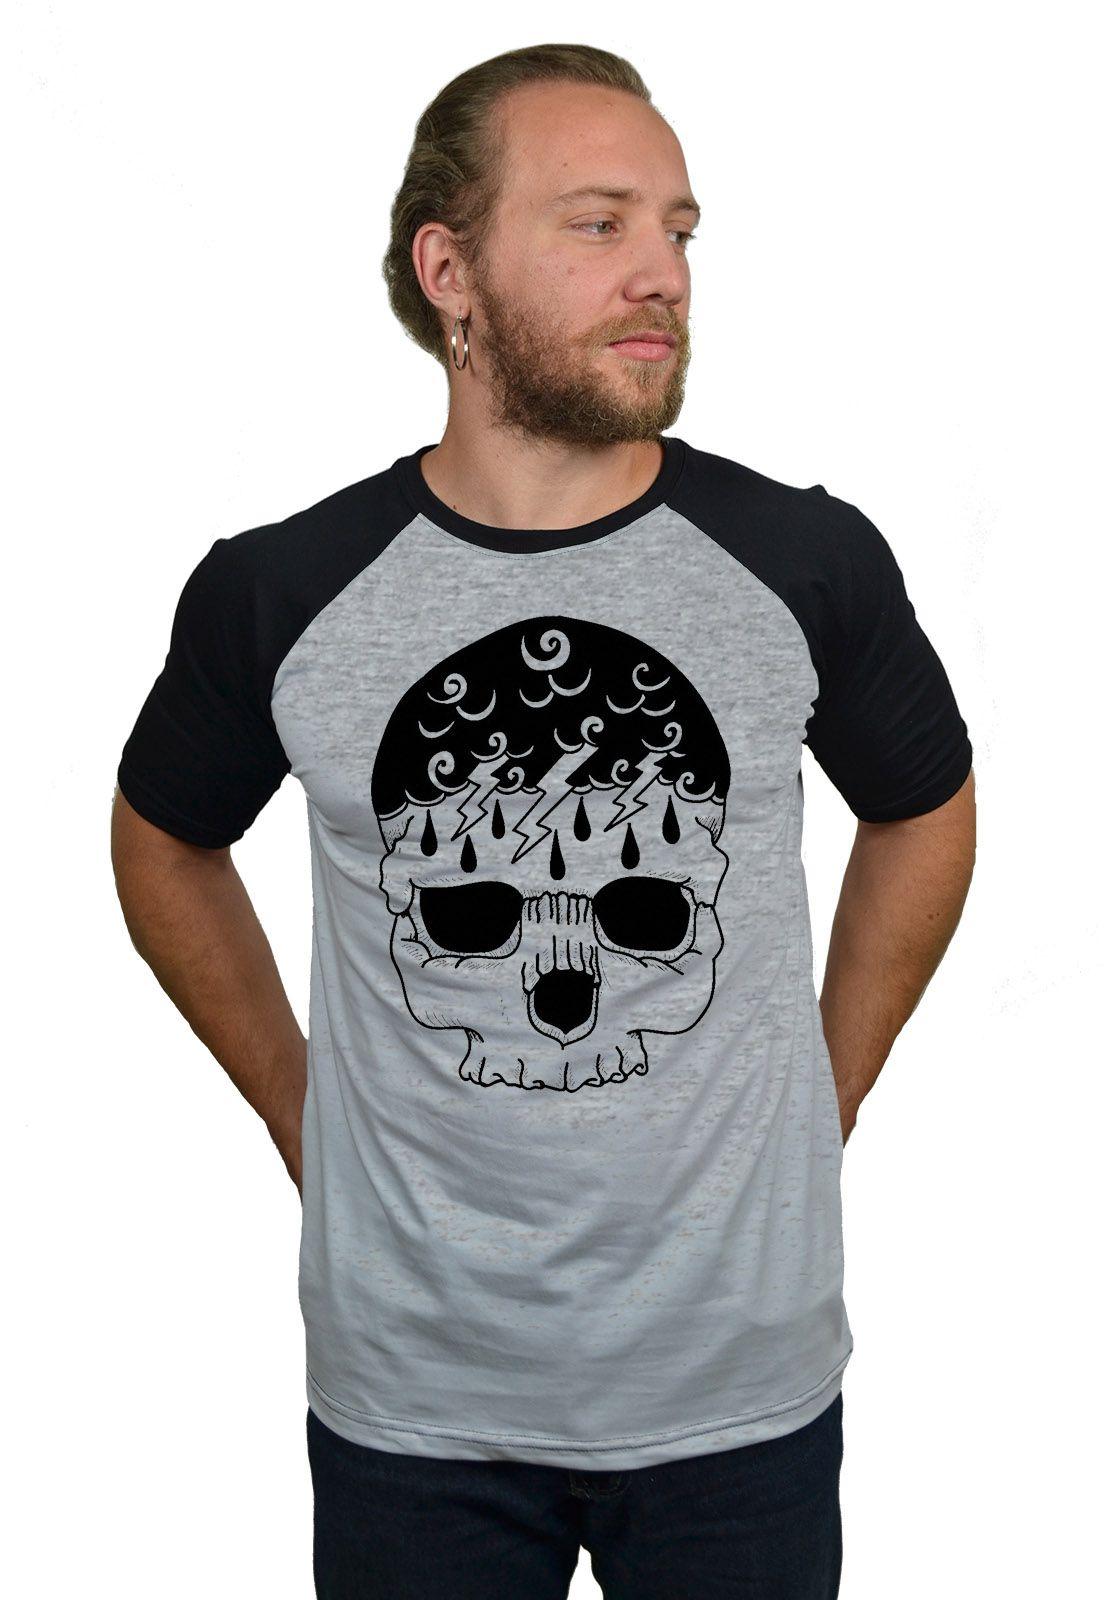 Camiseta Raglan Hshop Storm Skull - Cinza Mescla com Preto  - HShop